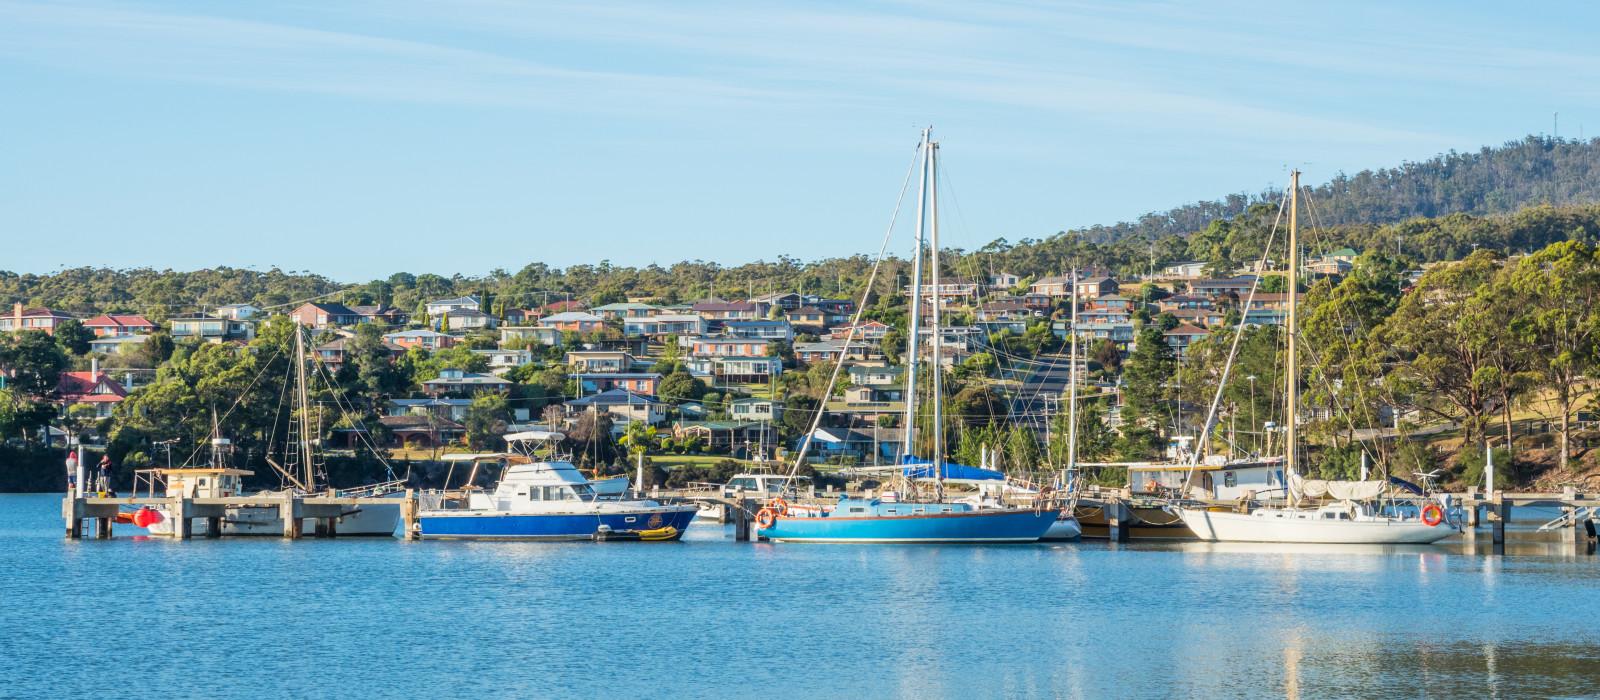 Destination St Helens Australia